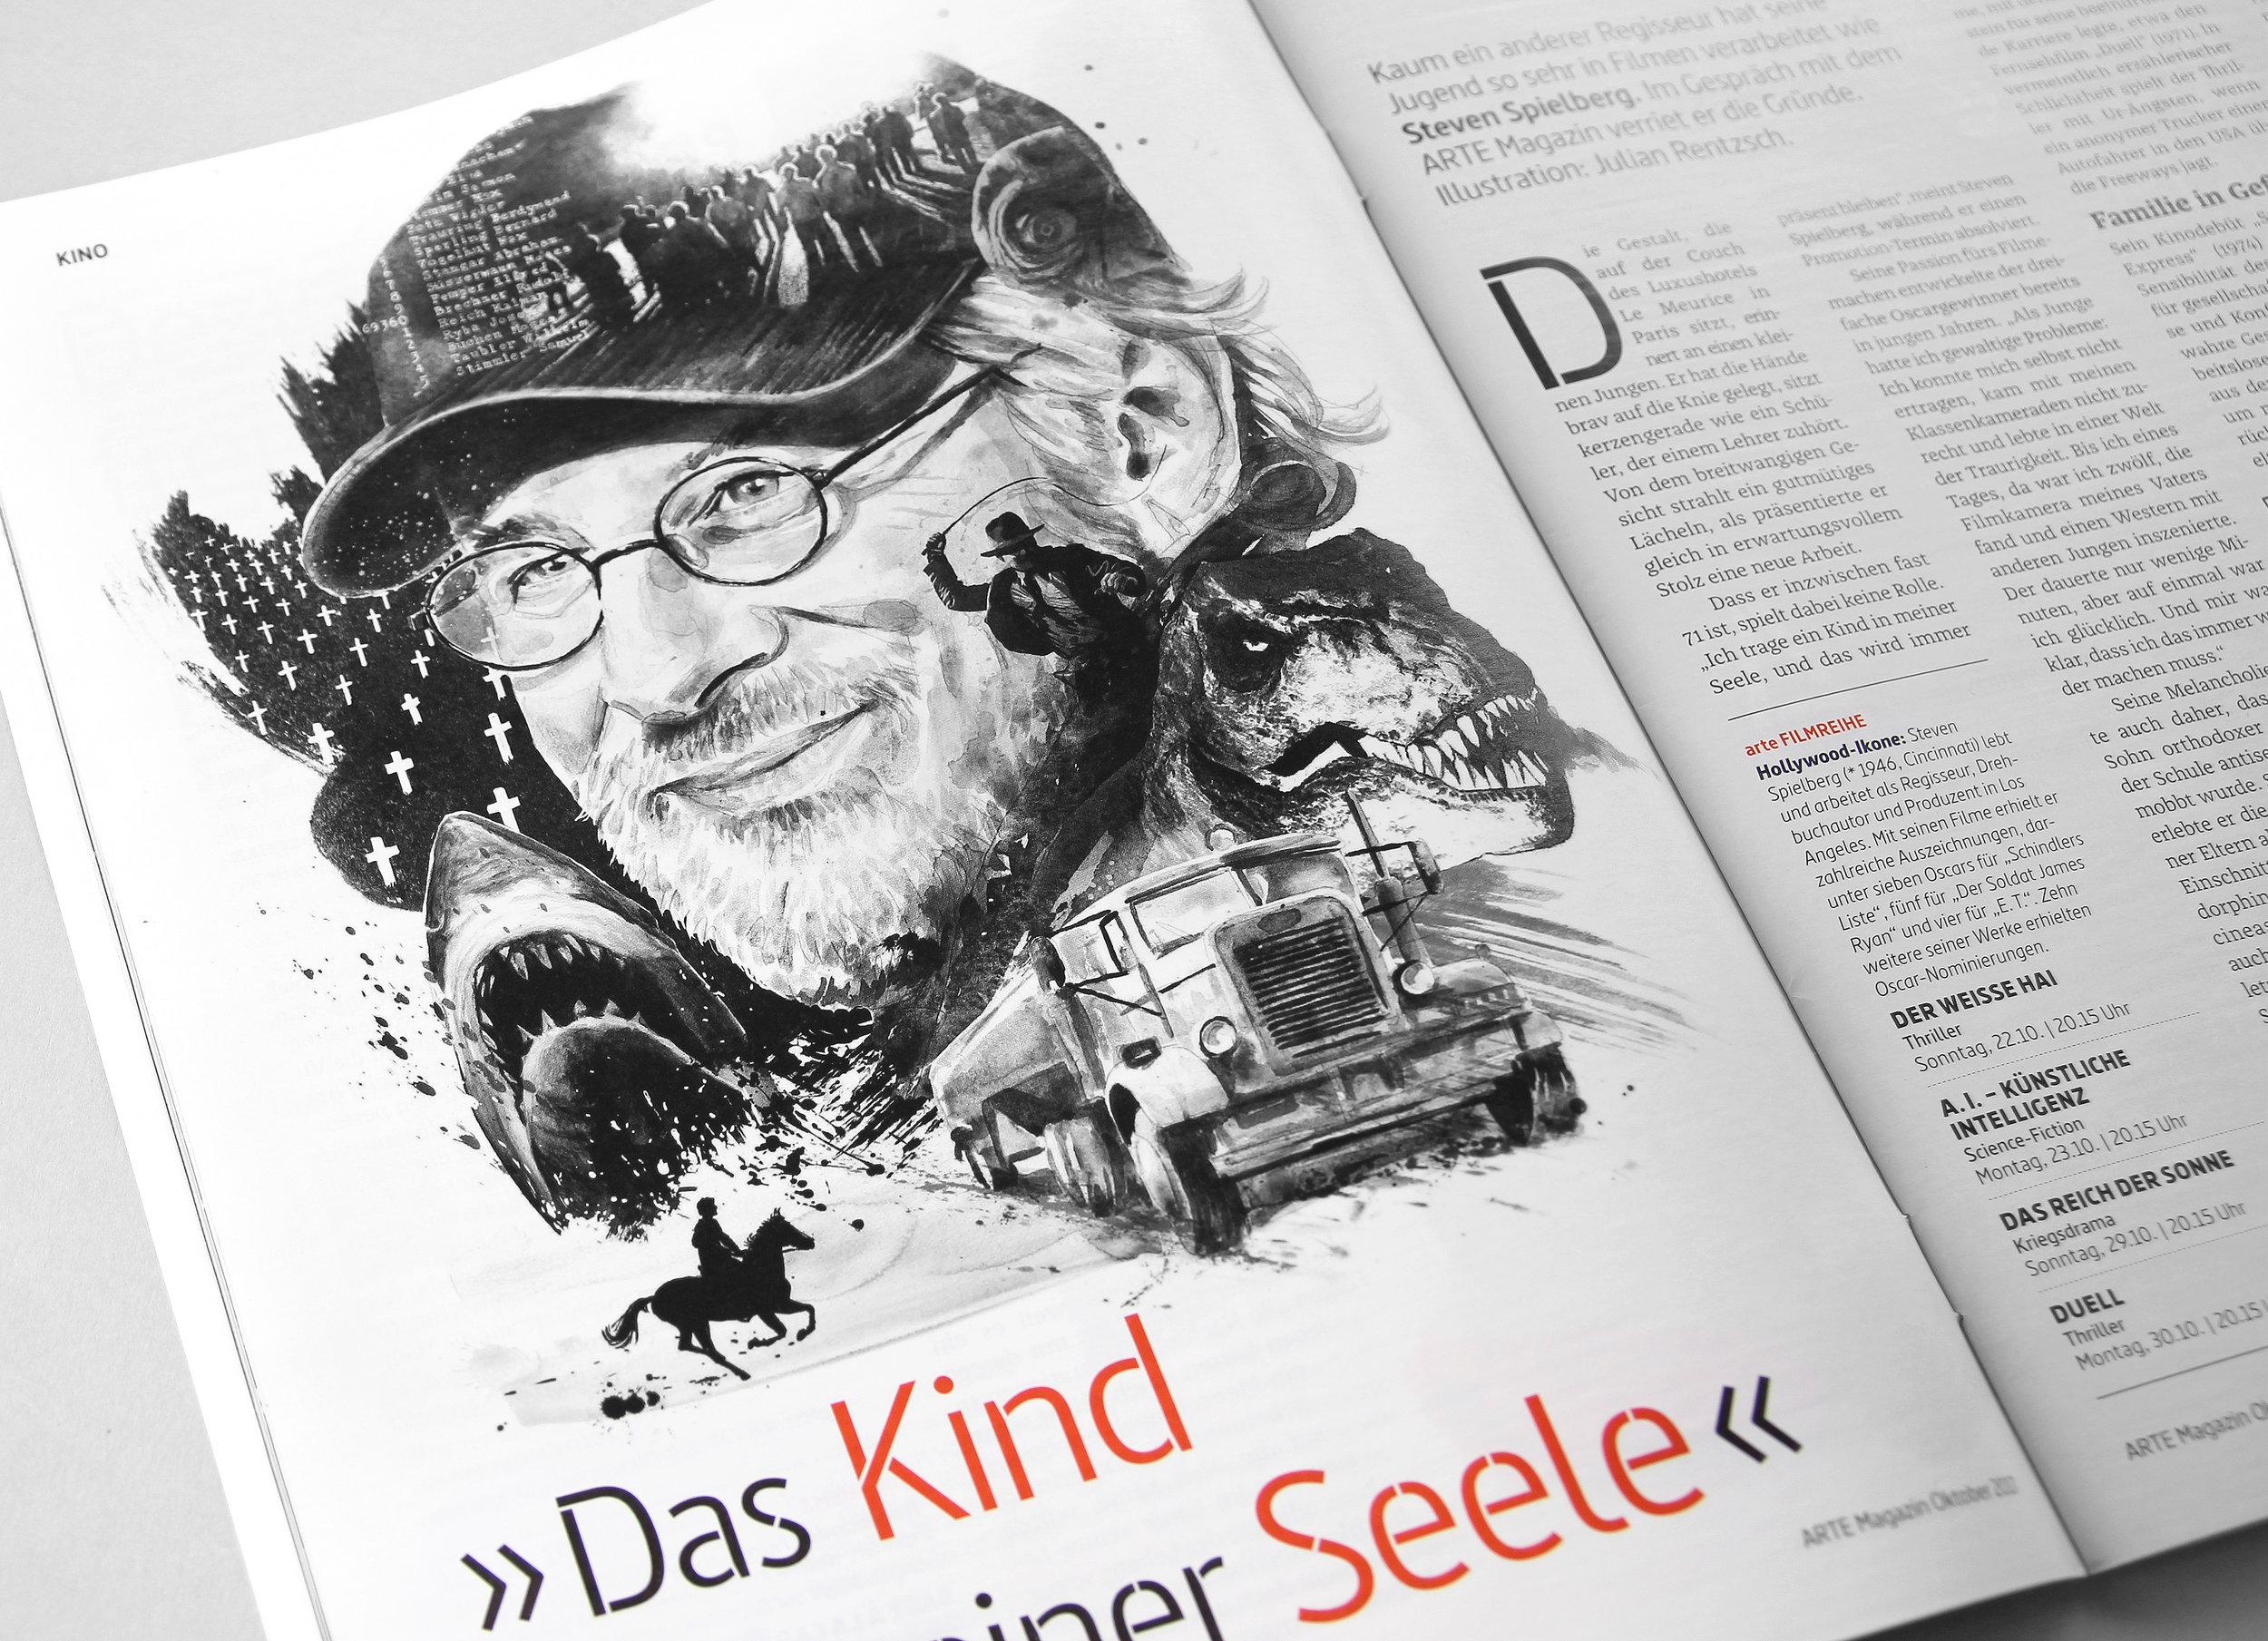 Arte_Spielberg Kopie.jpg